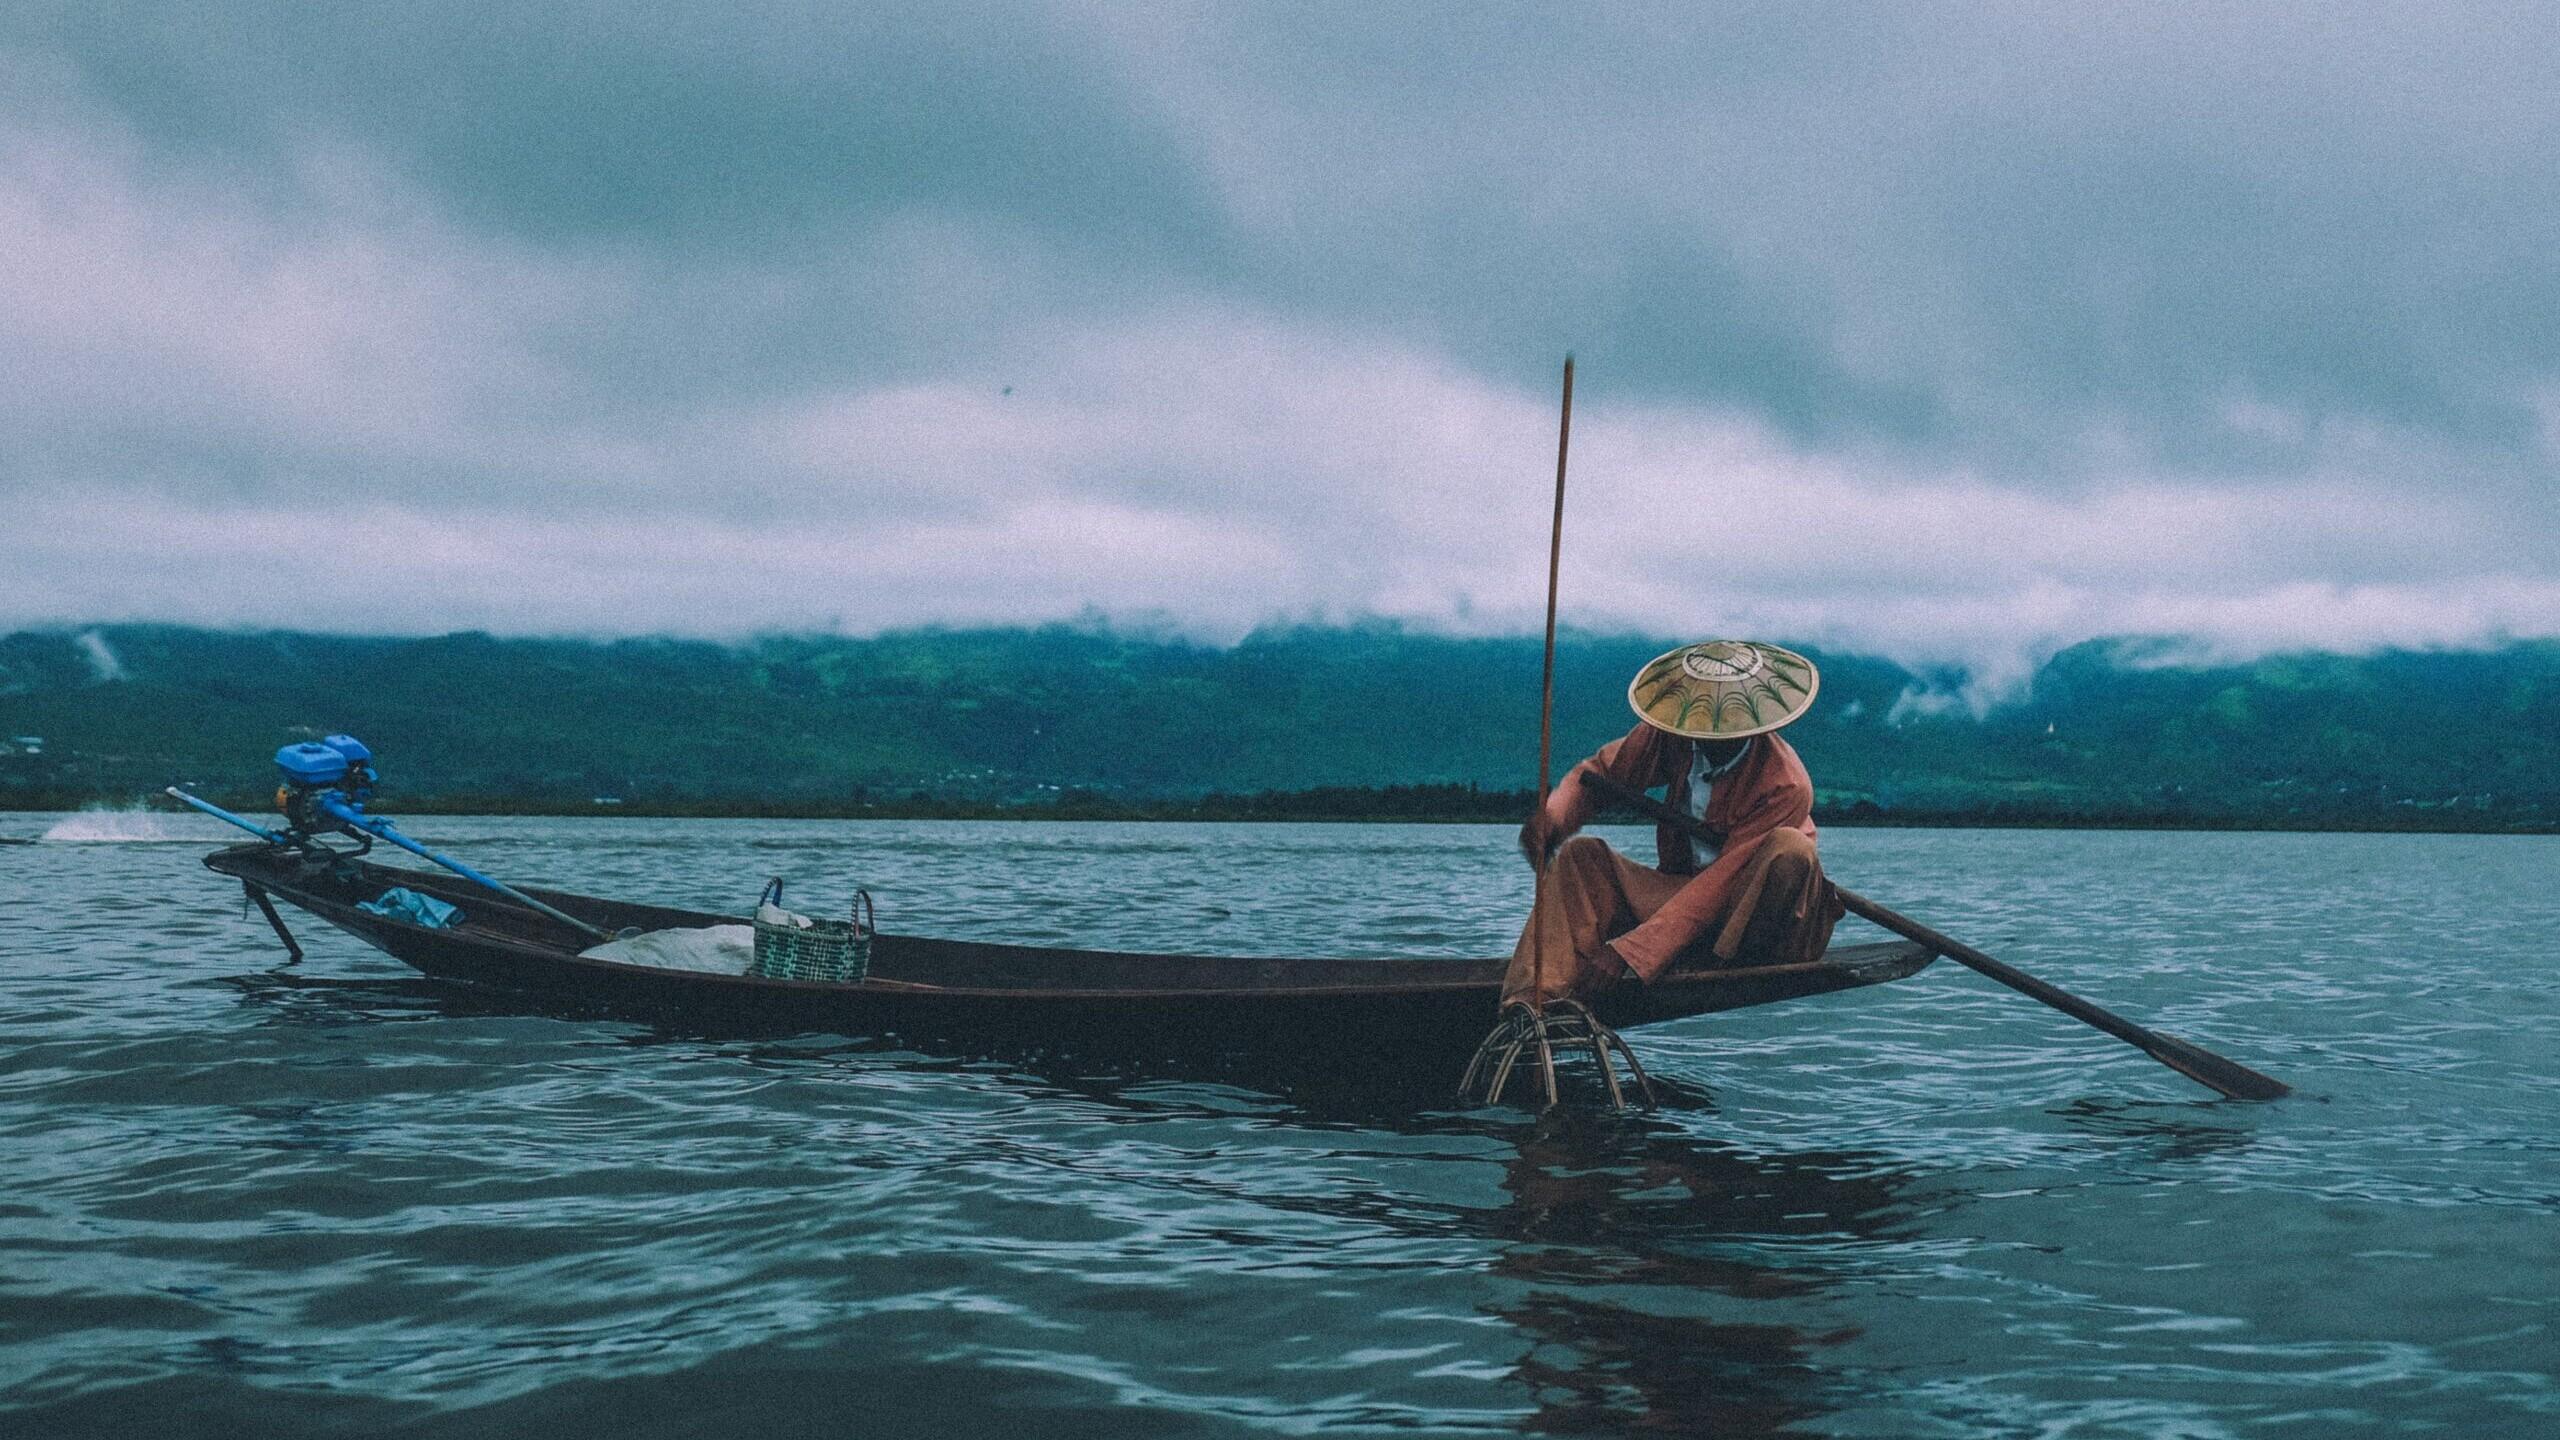 luomo-daffari-e-il-pescatore-michela-launi-psicologo